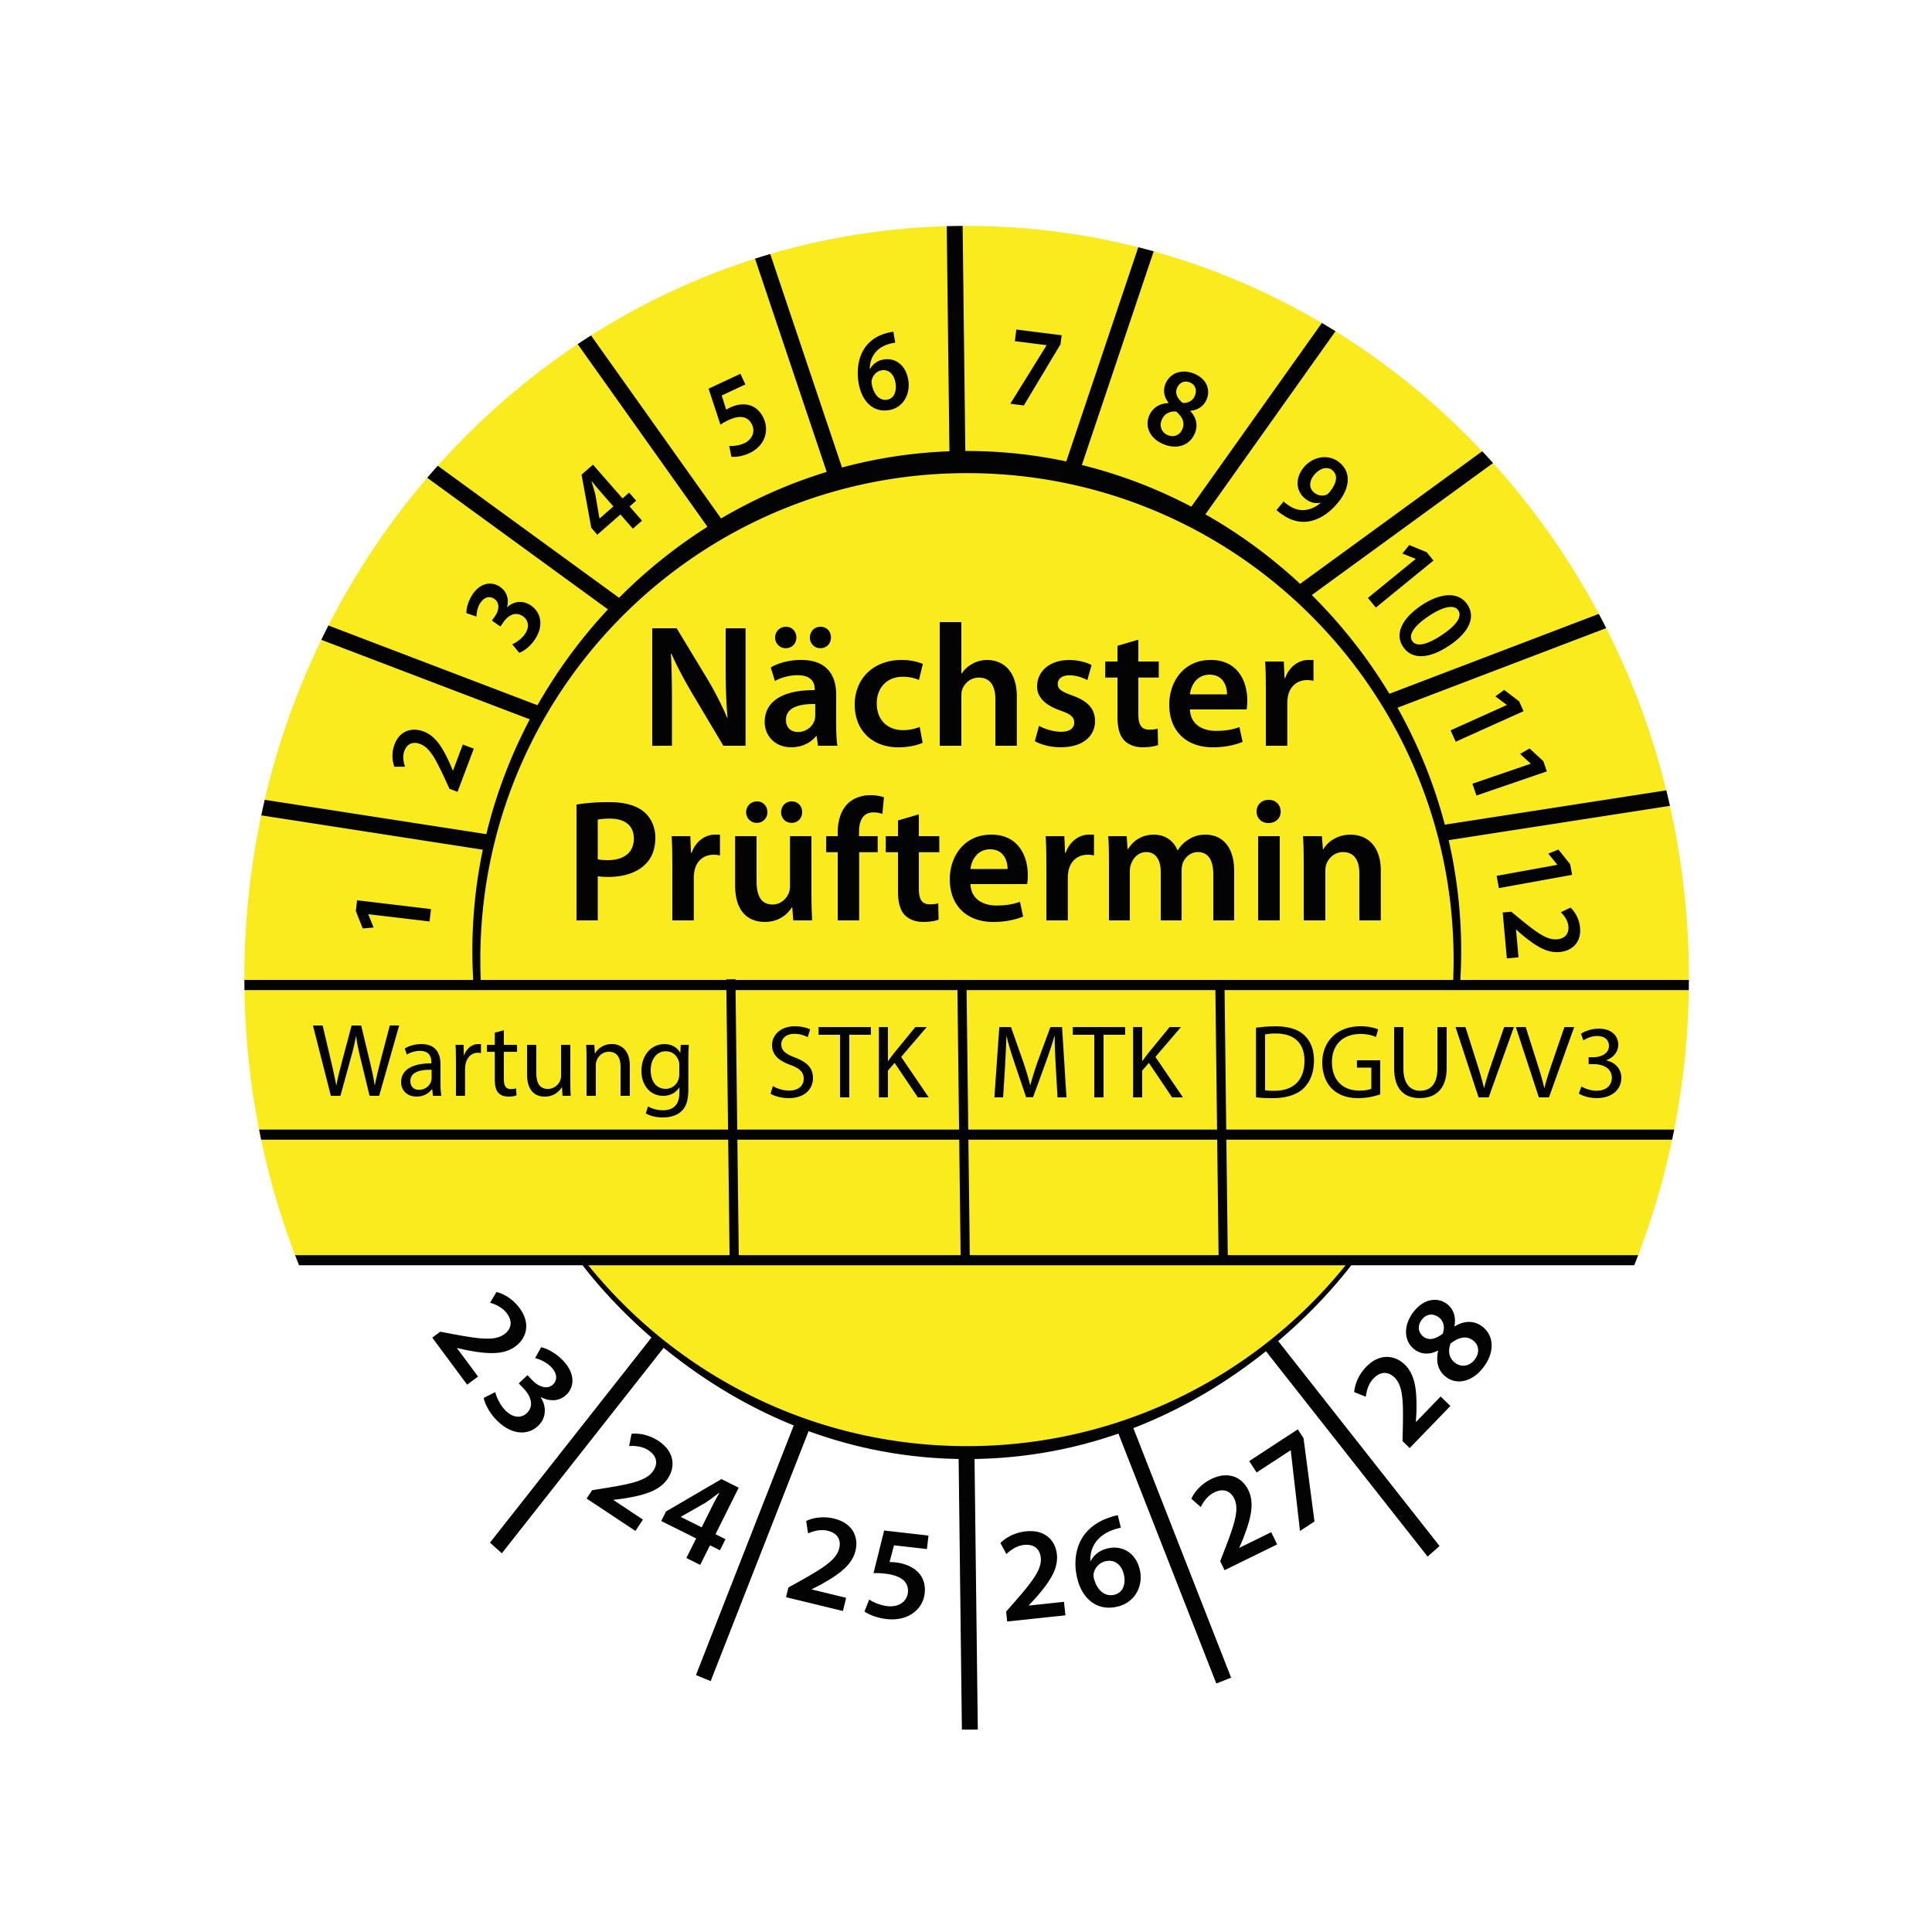 Prüfplakette Nächster Prüftermin Wartung STK MTK 2023-2028 Ø 30mm Rund Gelb / Blau Prüfetikett Prüfaufkleber